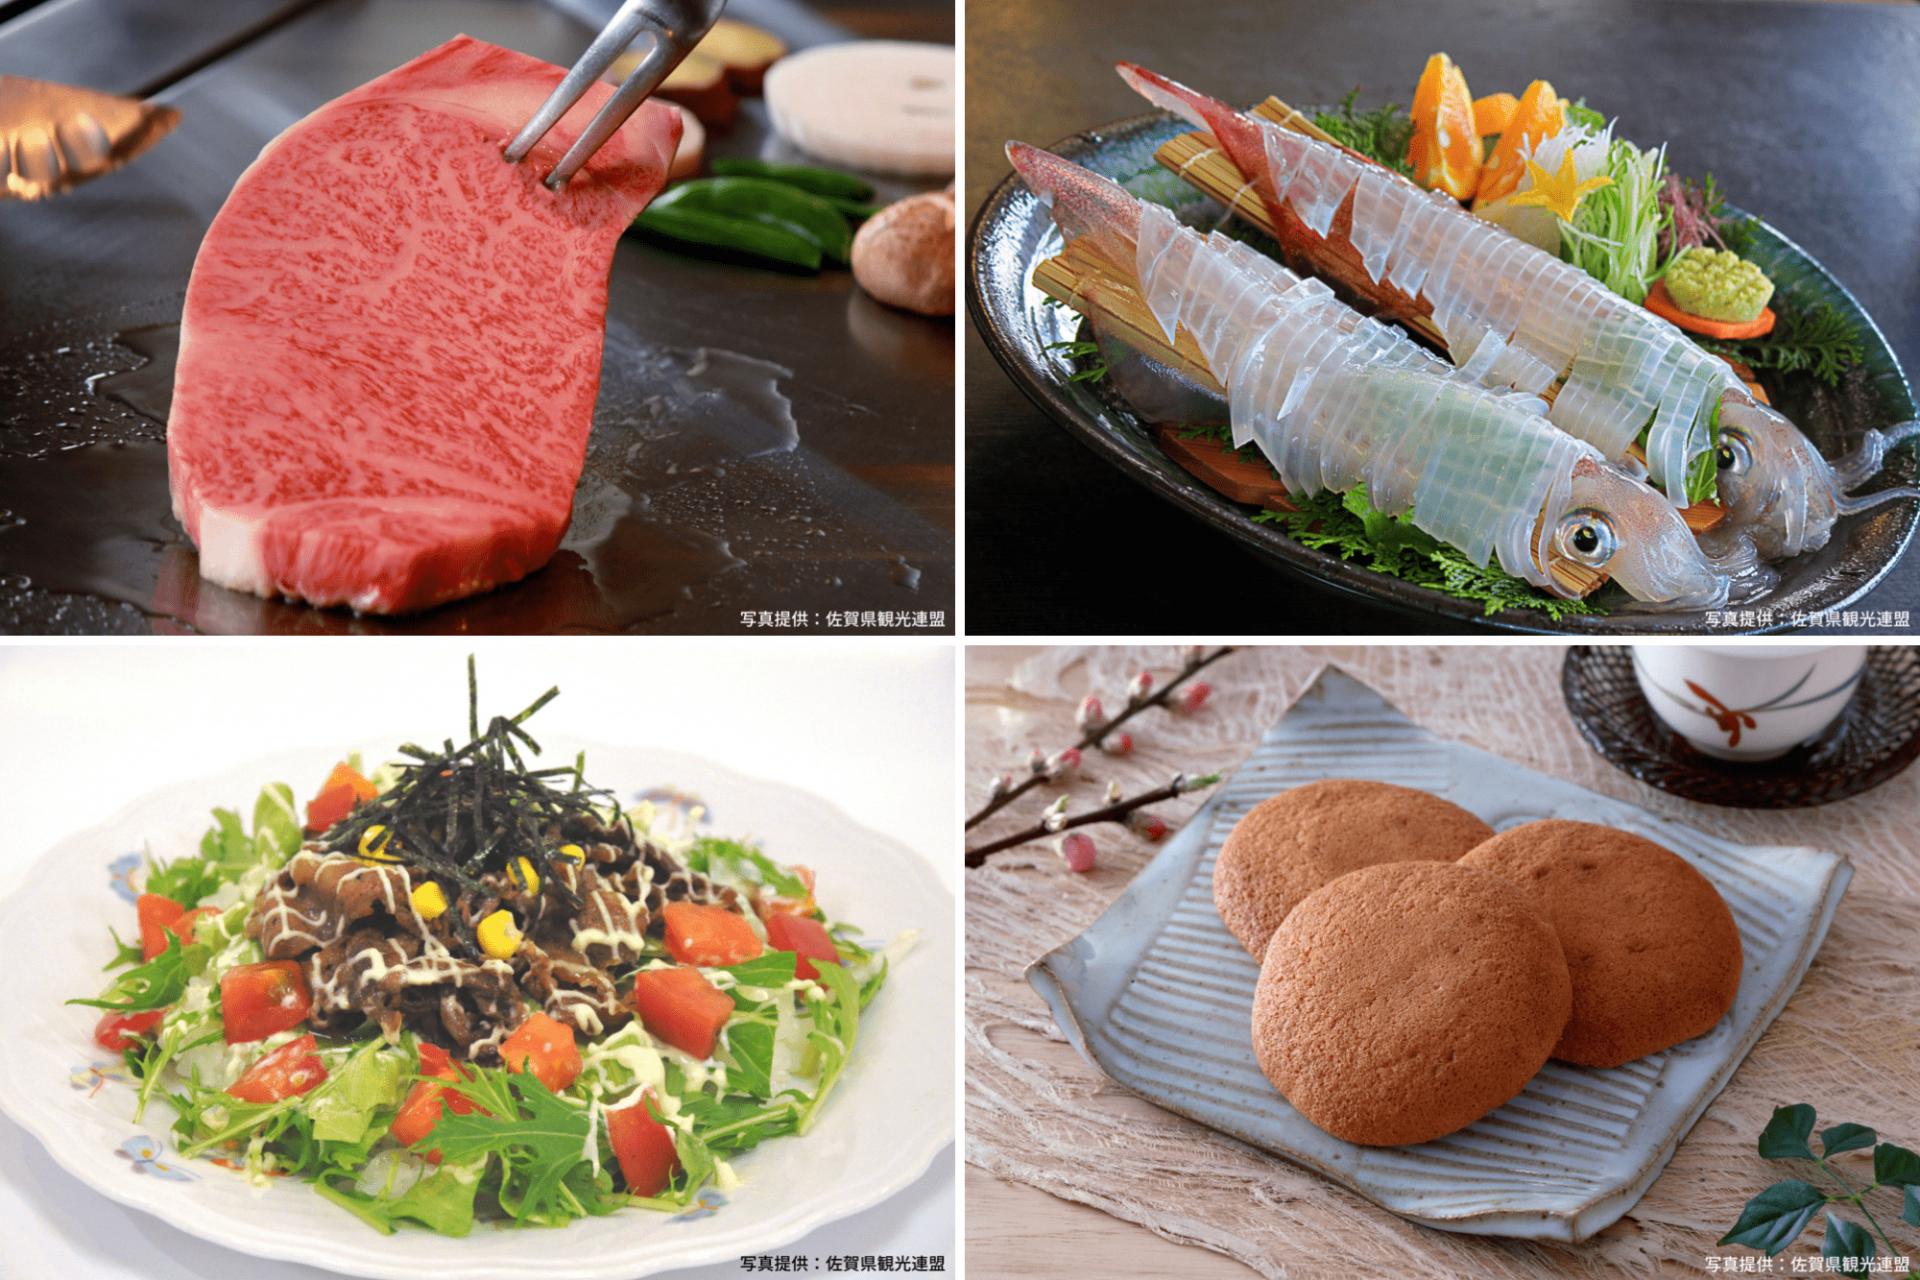 佐賀県 九州 有名 な 食べ物 ご当地 グルメ 旅行 観光